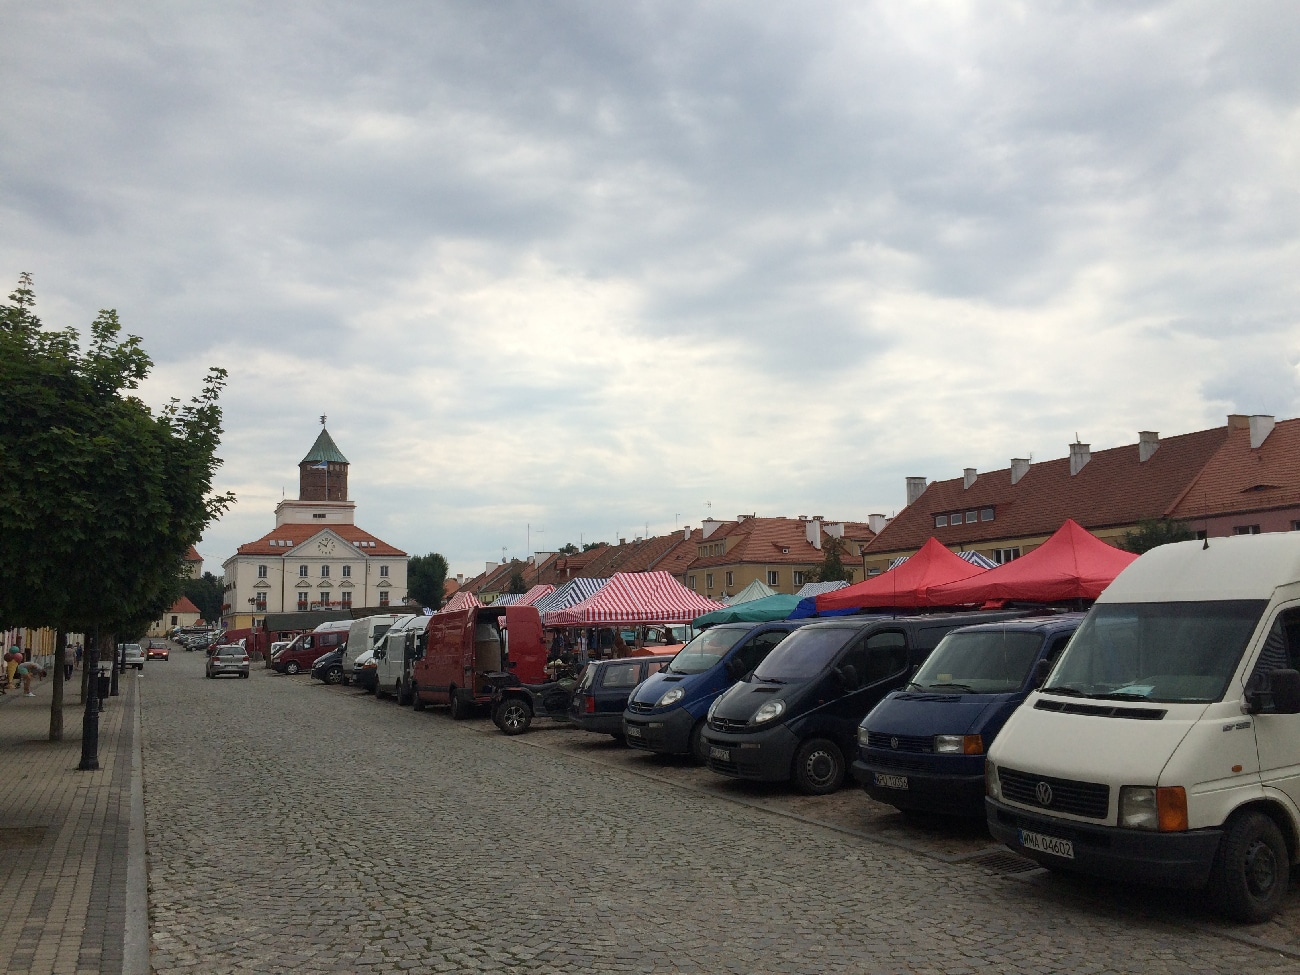 Rynek w Pułtusku - w godzinach porannych i południowych to tętniące życiem, zastawione samochodami targowisko. W sobotę po godzinie 14 pustoszeje i po zabytkowym bruku hula wiatr